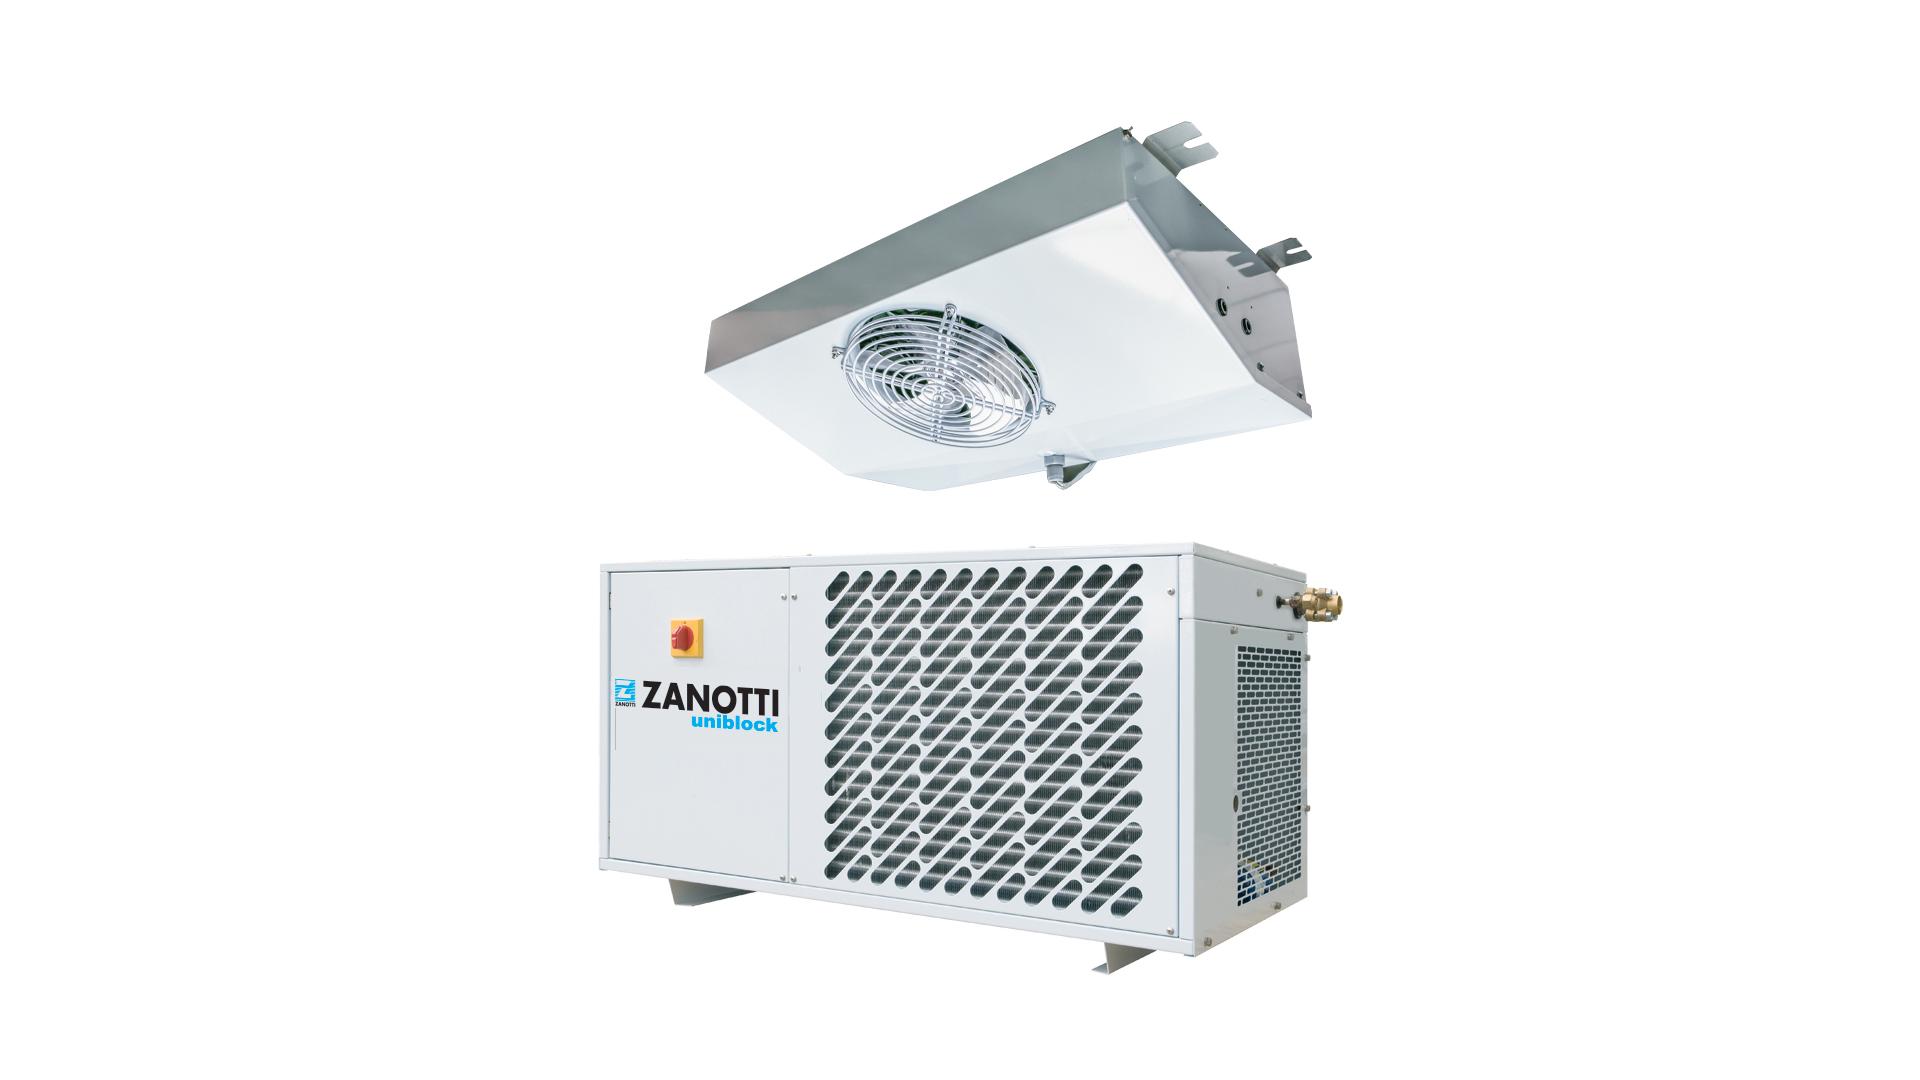 Gruppo refrigerante per celle frigorifere, modello Zanotti DB-O1